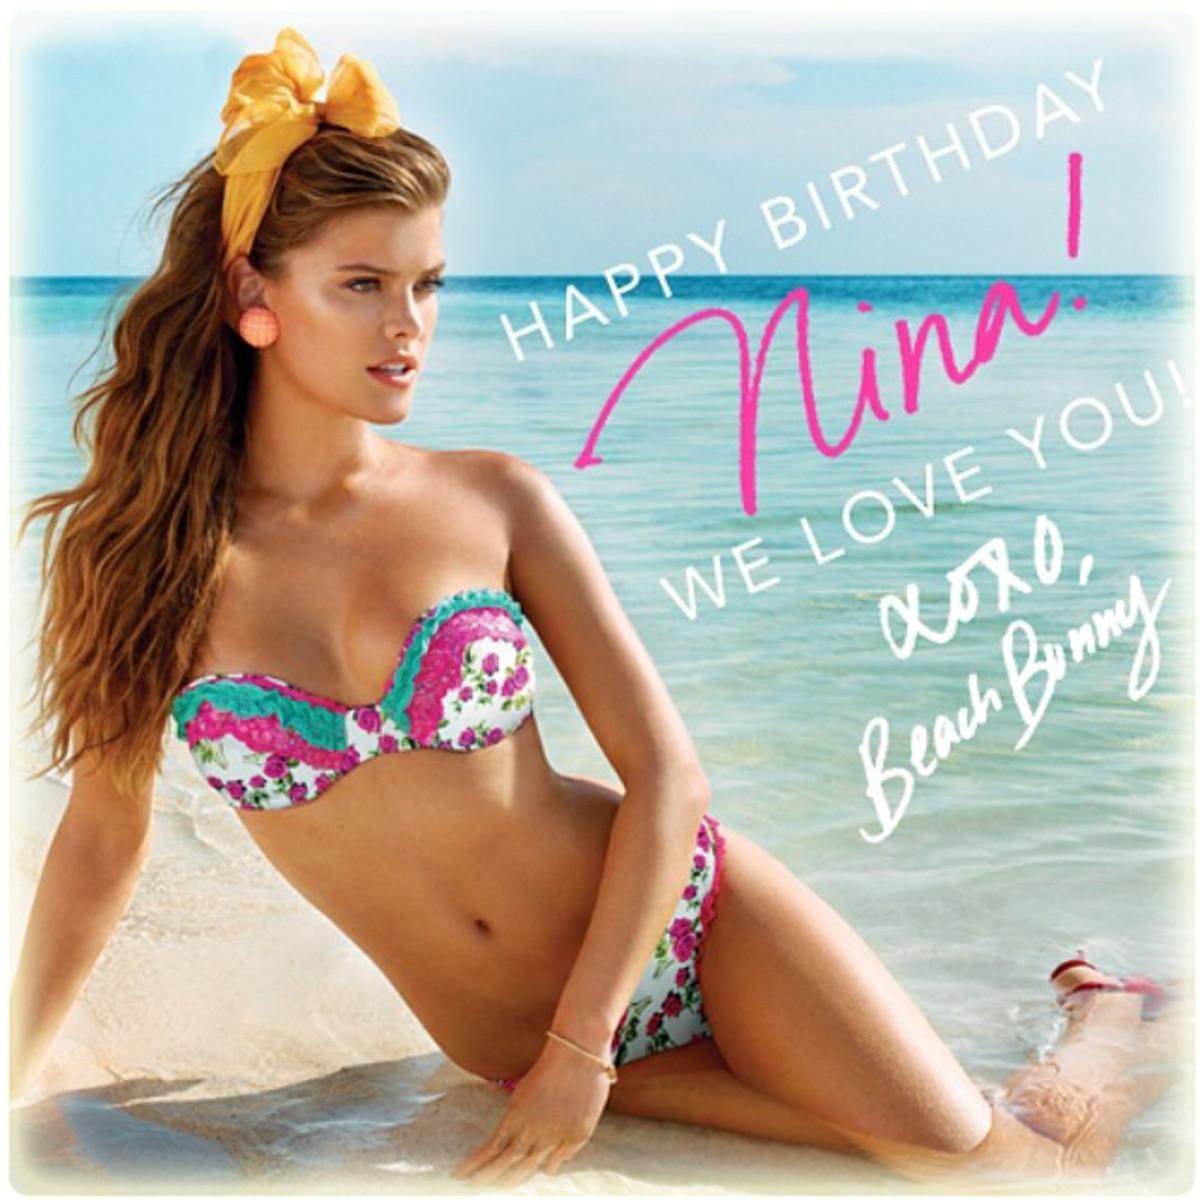 instagram.com/beachbunnyswimwear